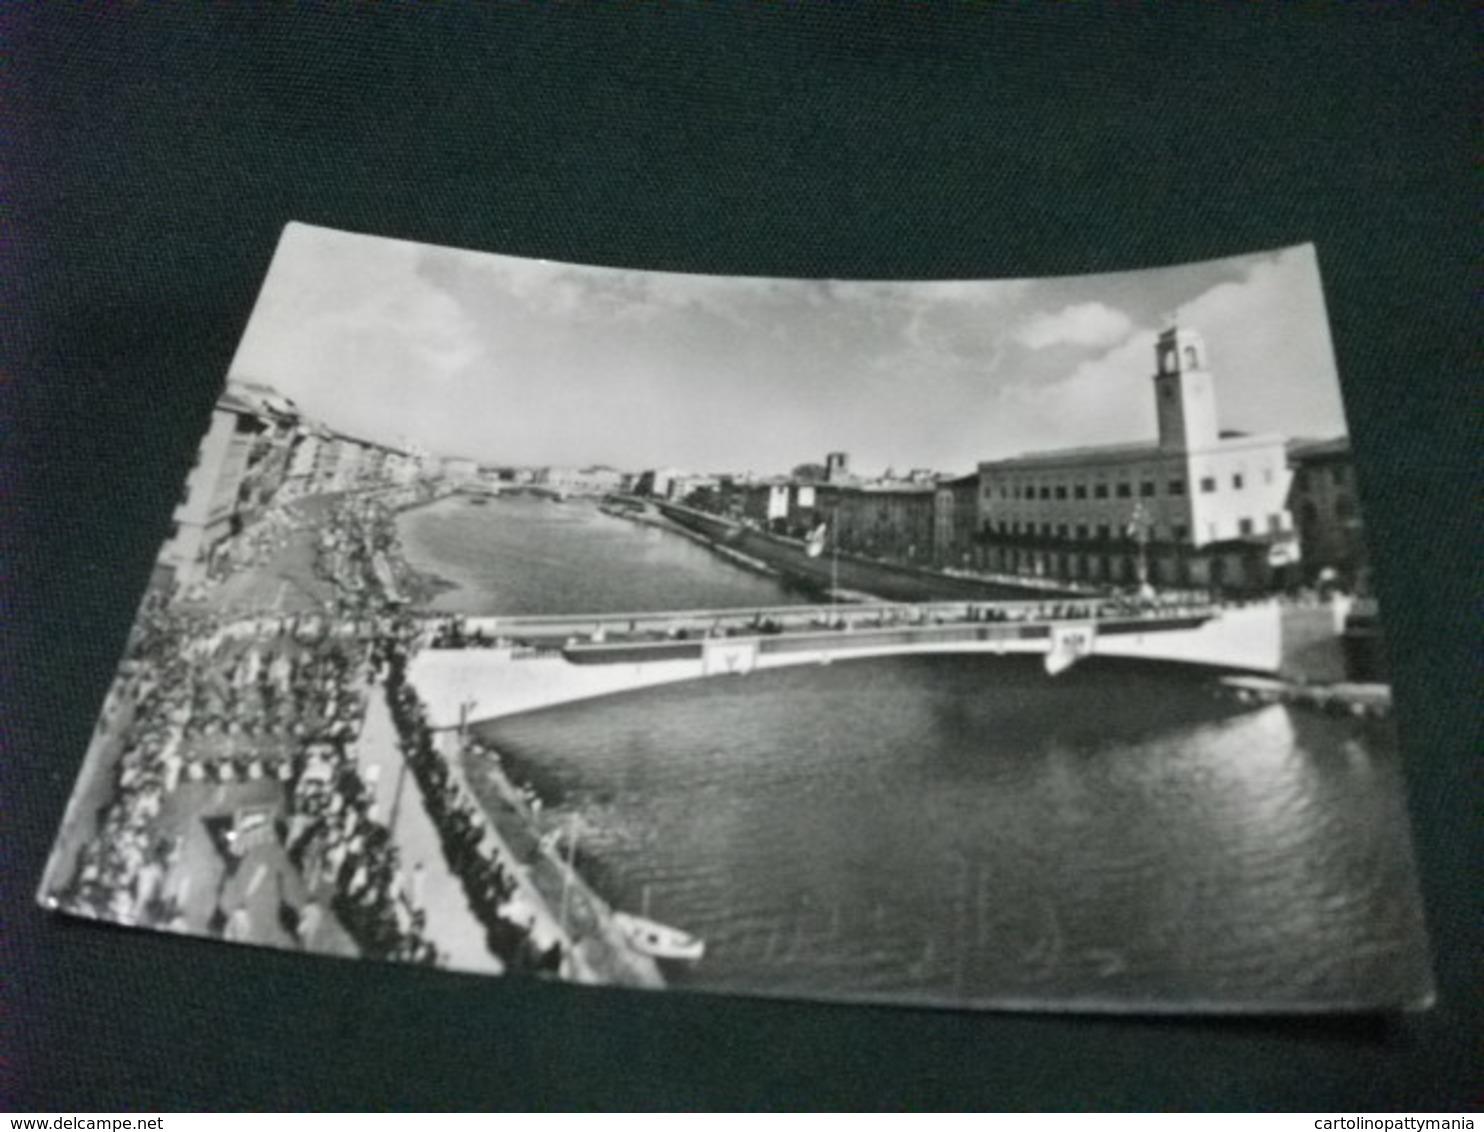 PONTE  BRIDGE REGATE DELLE 4 REPUBBLICHE MARINARE  CORTEO STORICO VISIONE DALL'ALTO PISA - Manifestazioni